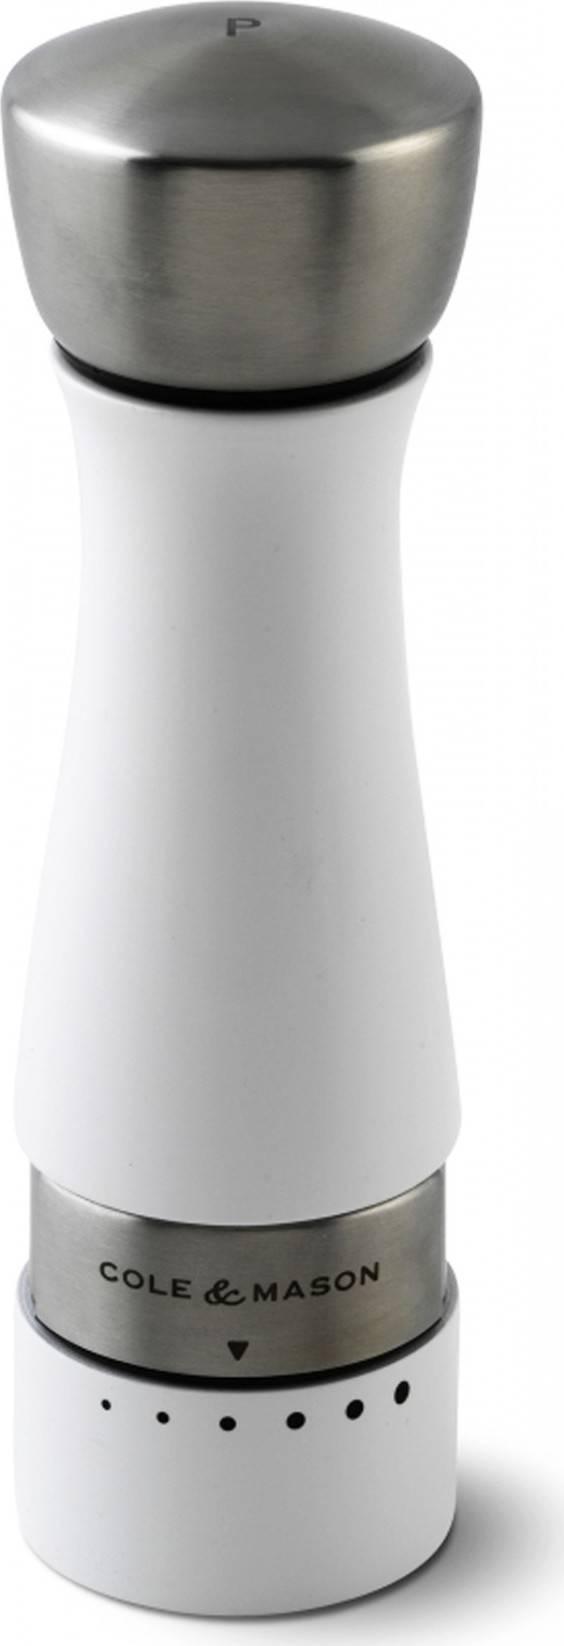 Cole & Mason OLDBURY bíle lakovaný, mlýnek na pepř, 190mm H301661G DKB Household UK Limited